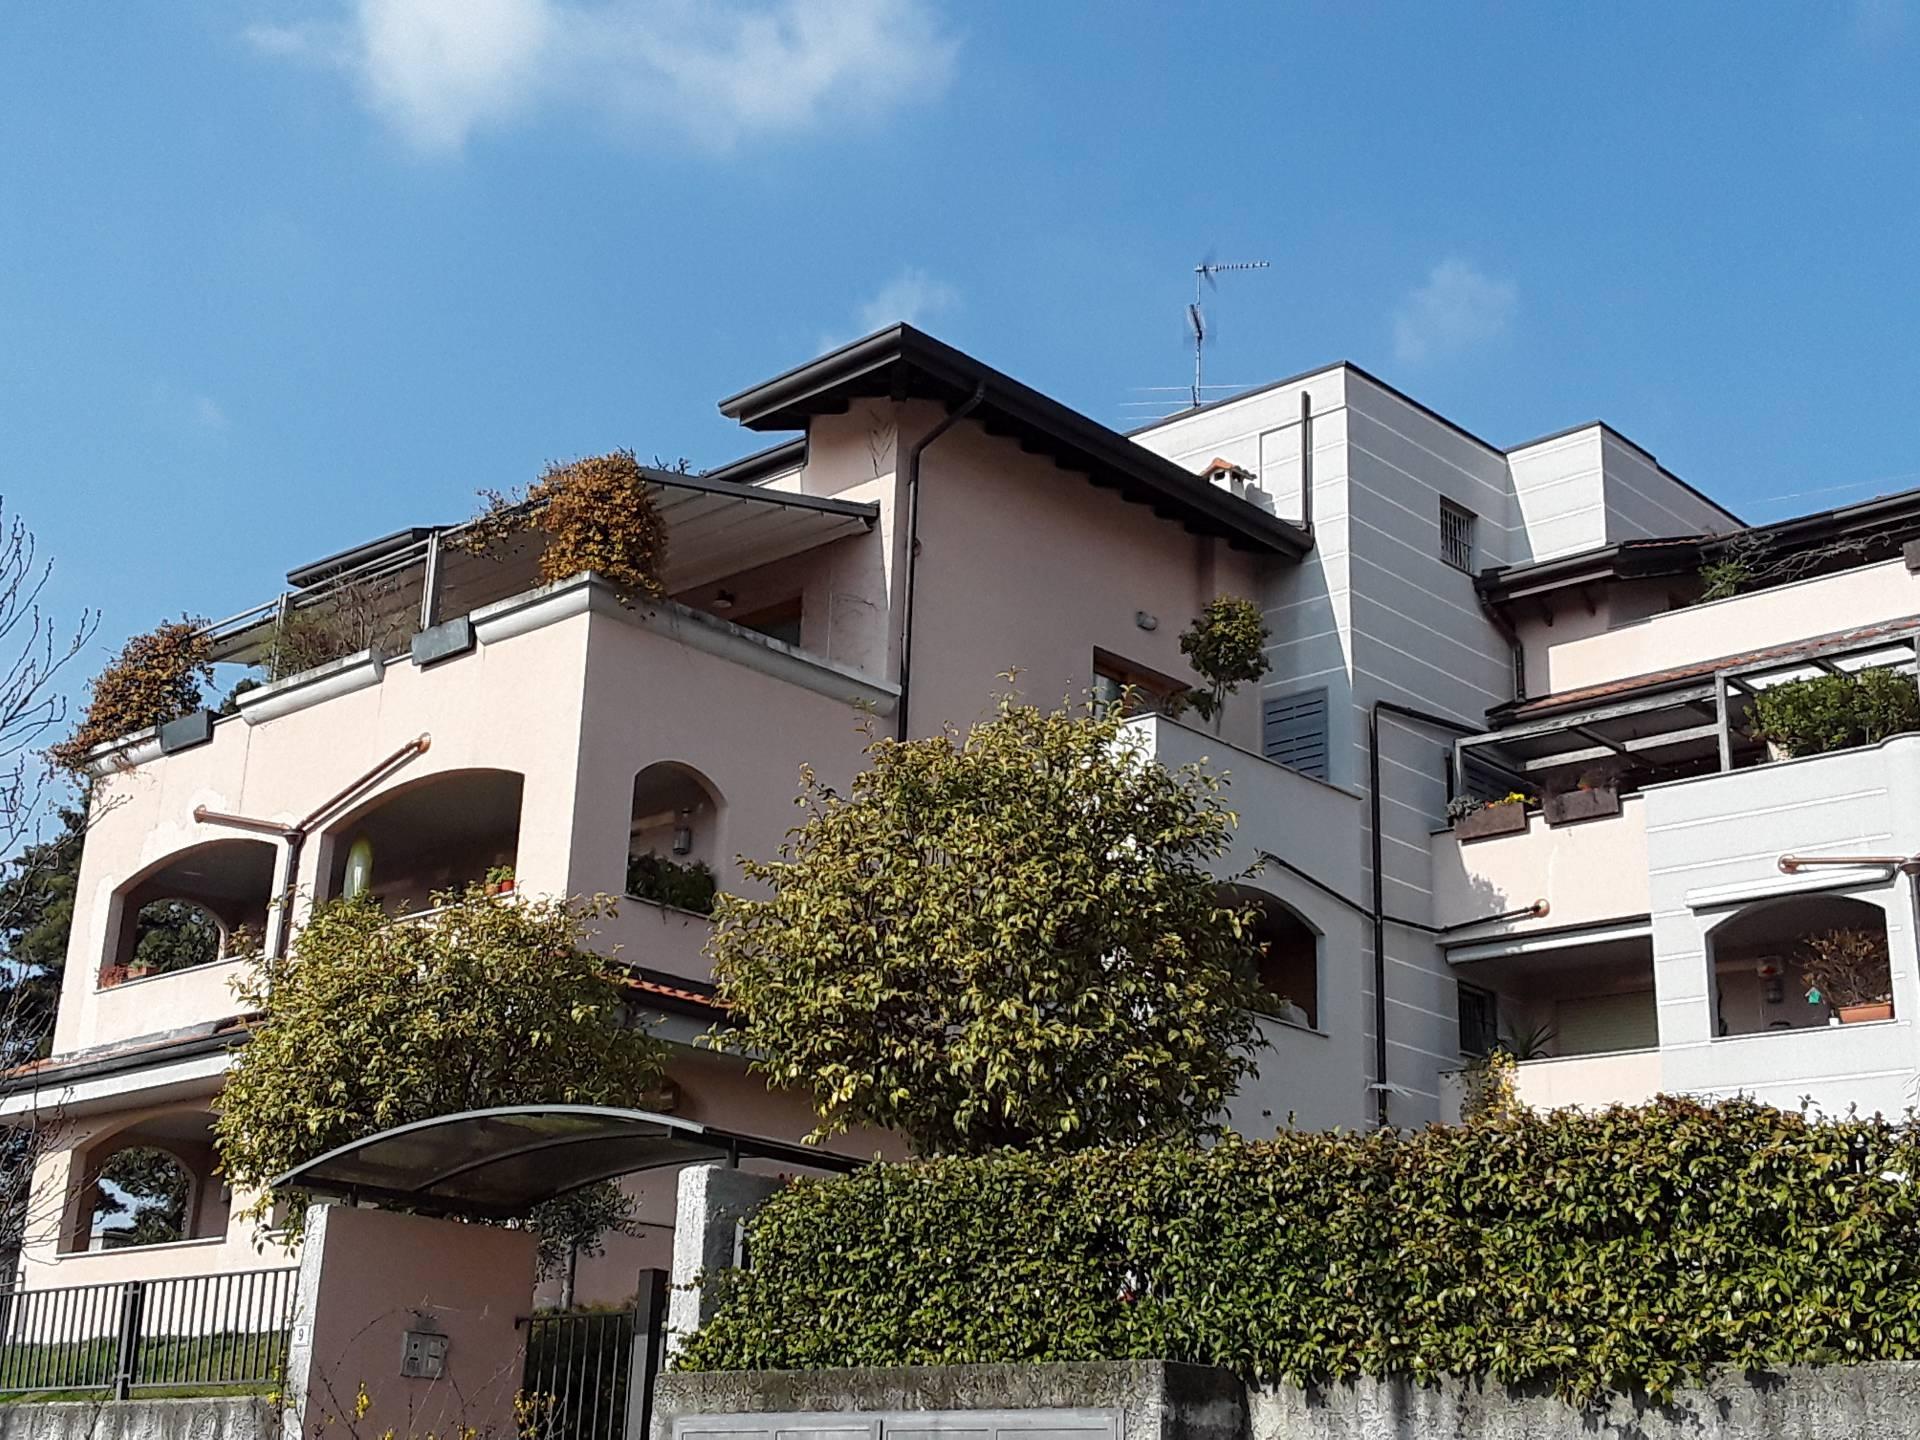 Appartamento in vendita a San Vittore Olona, 2 locali, prezzo € 98.000 | CambioCasa.it